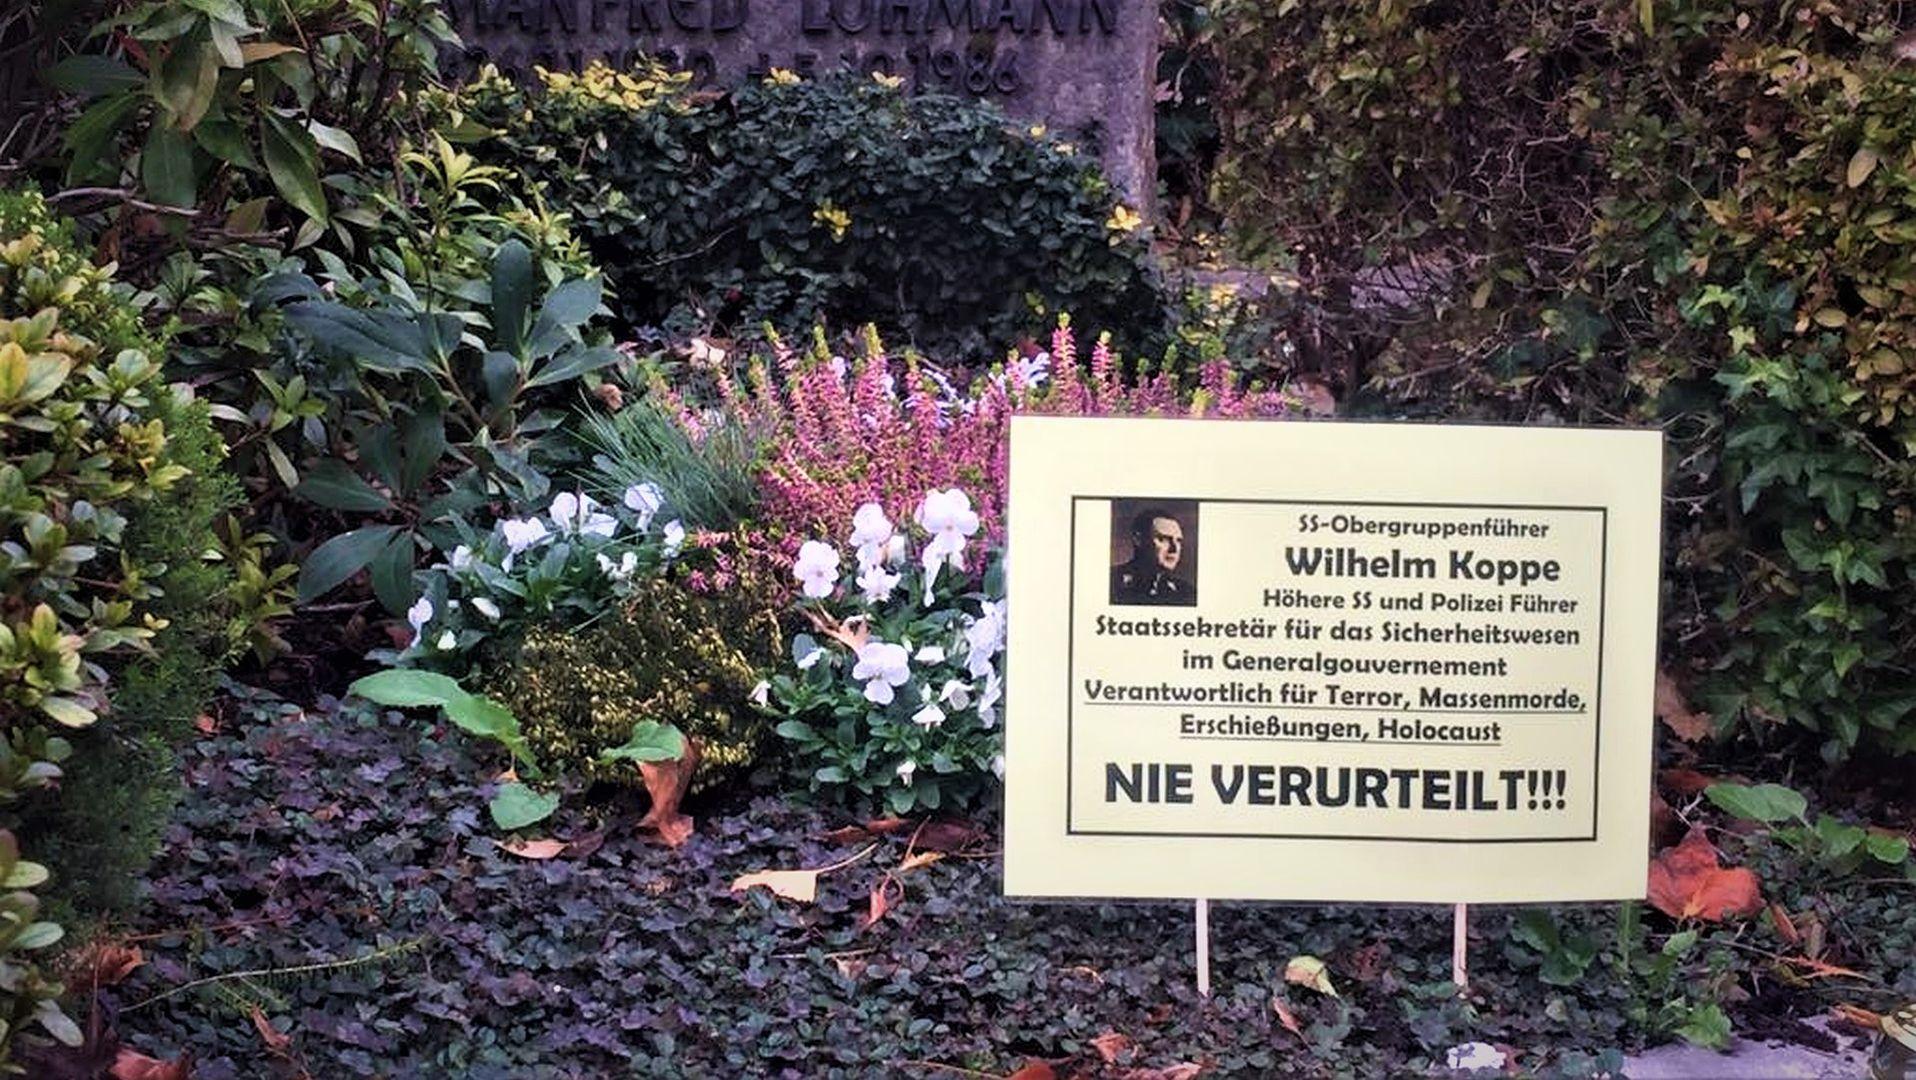 Grób Wilhelma Koppe z podłożoną tabliczką z informacją o tym, że nie został ukarany za swoje zbrodnie